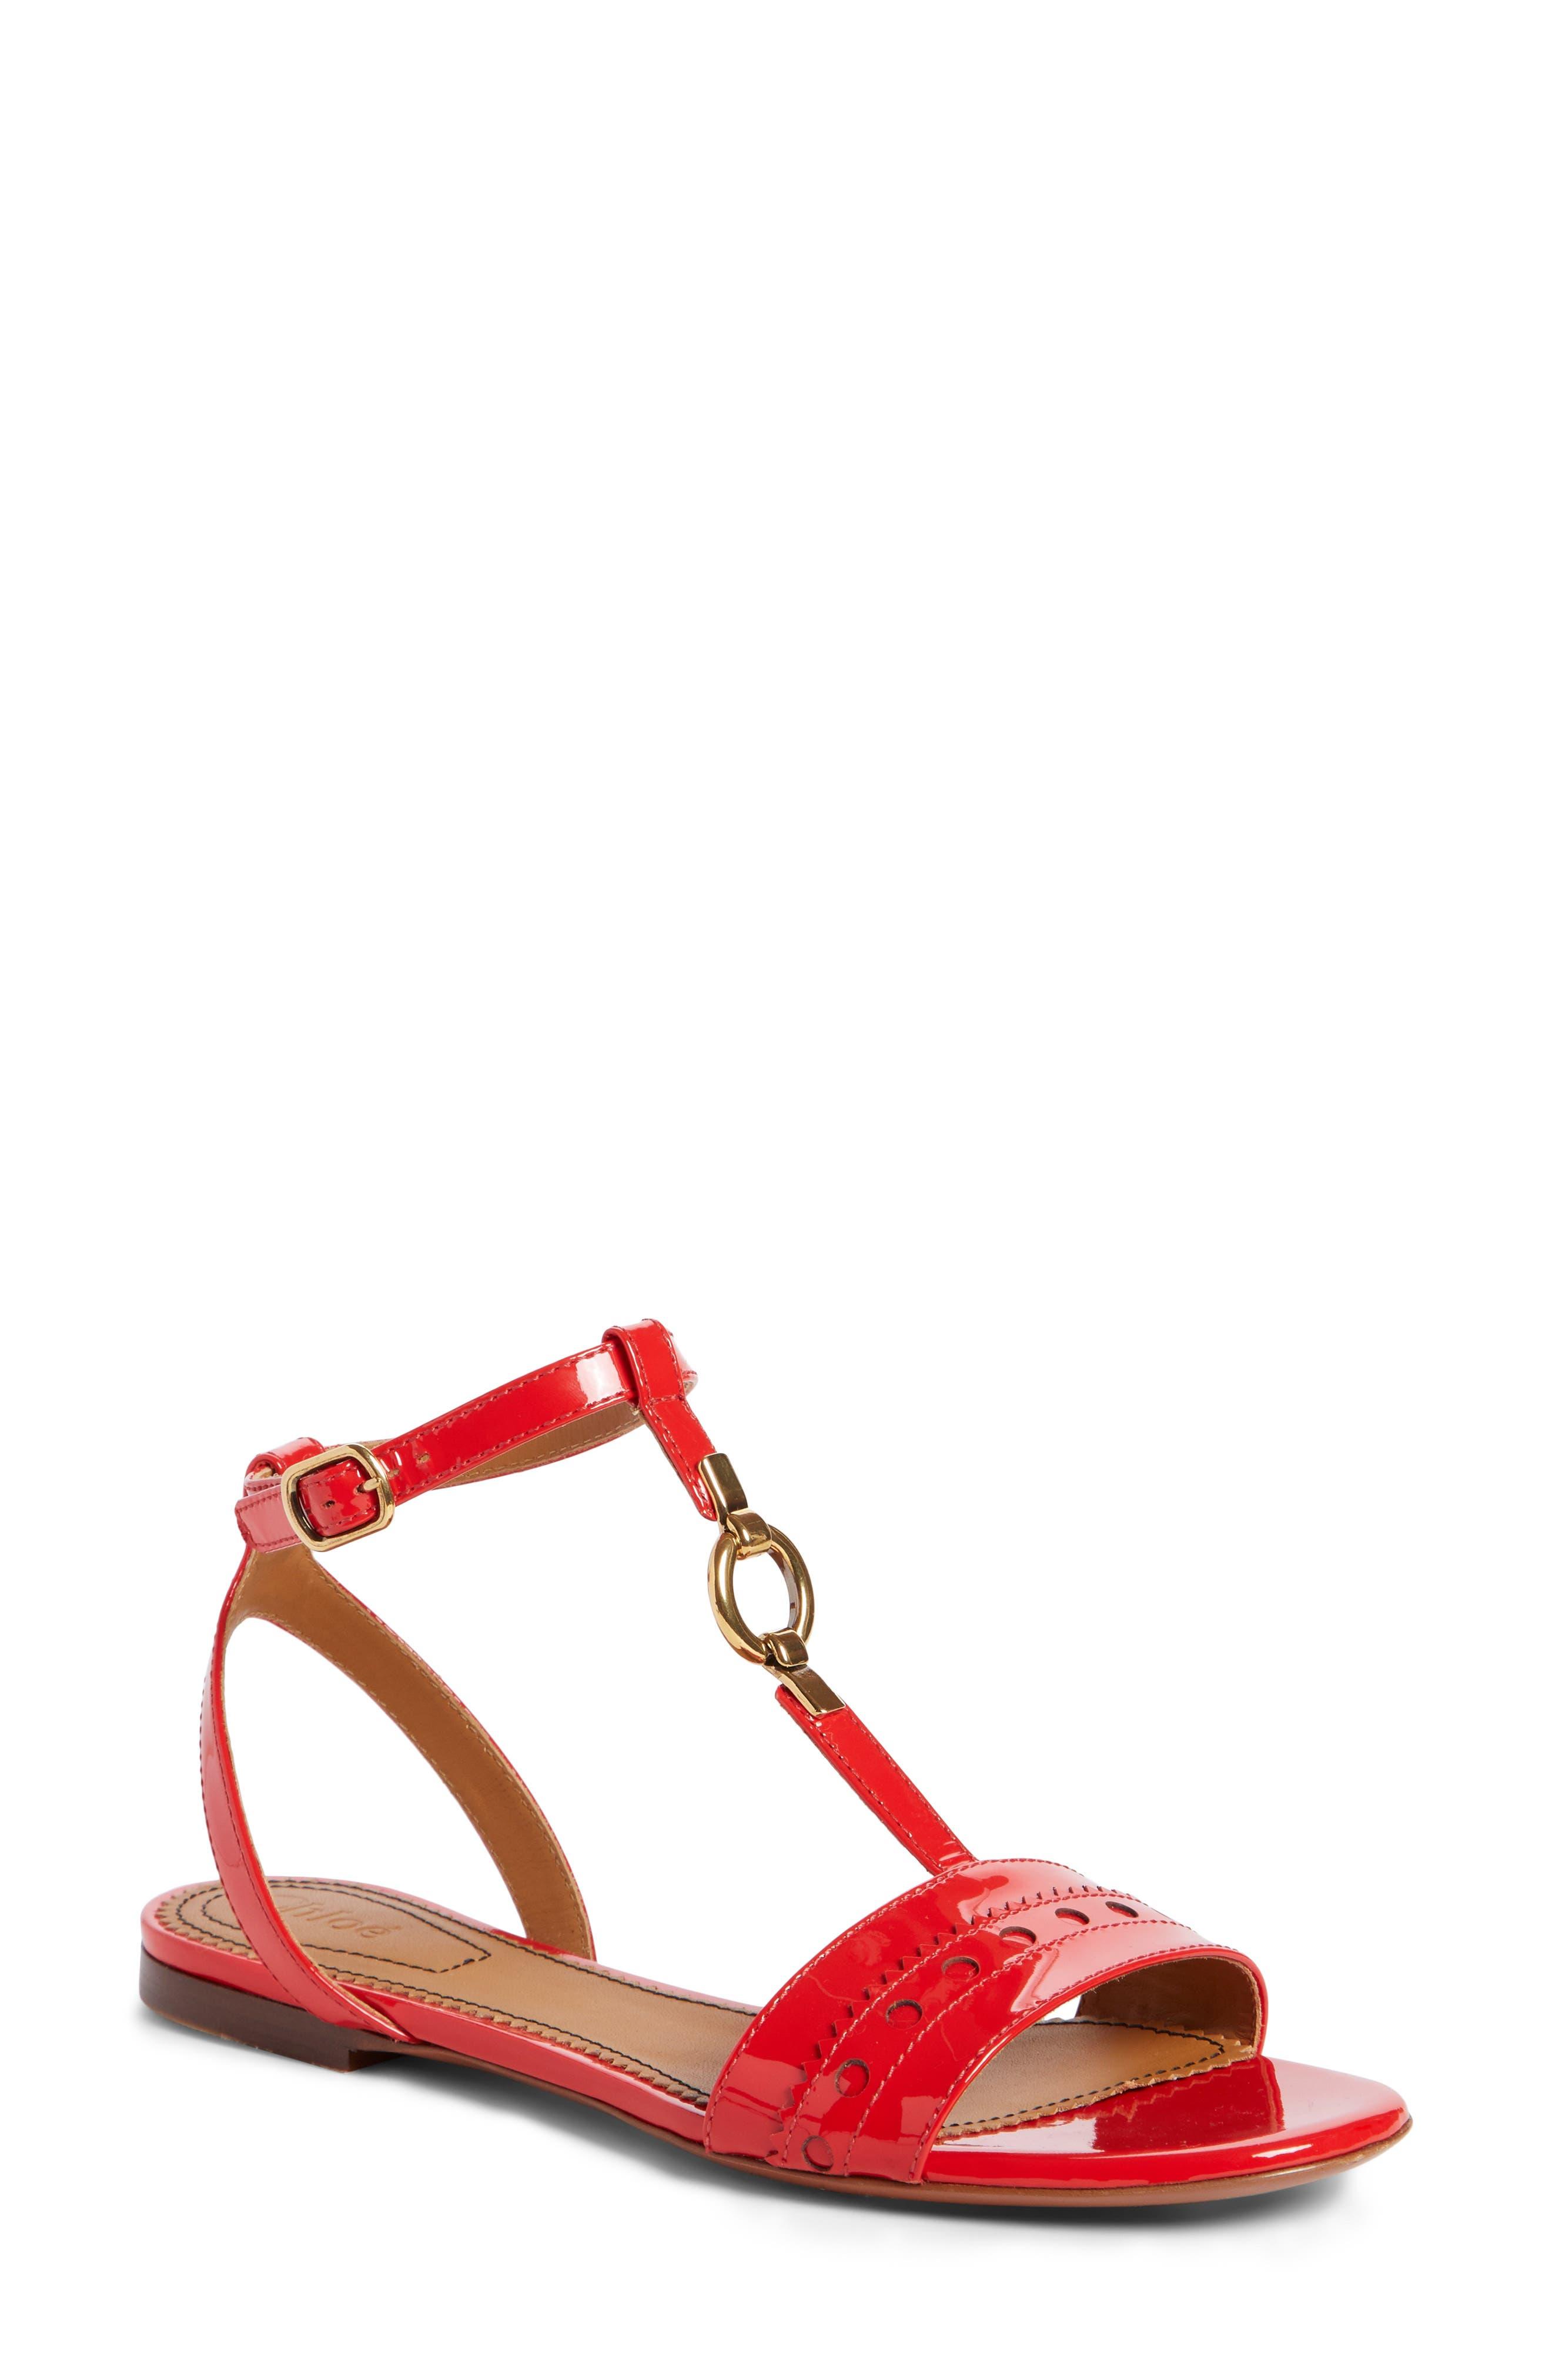 Chloé Perry Ankle Strap Sandal (Women)